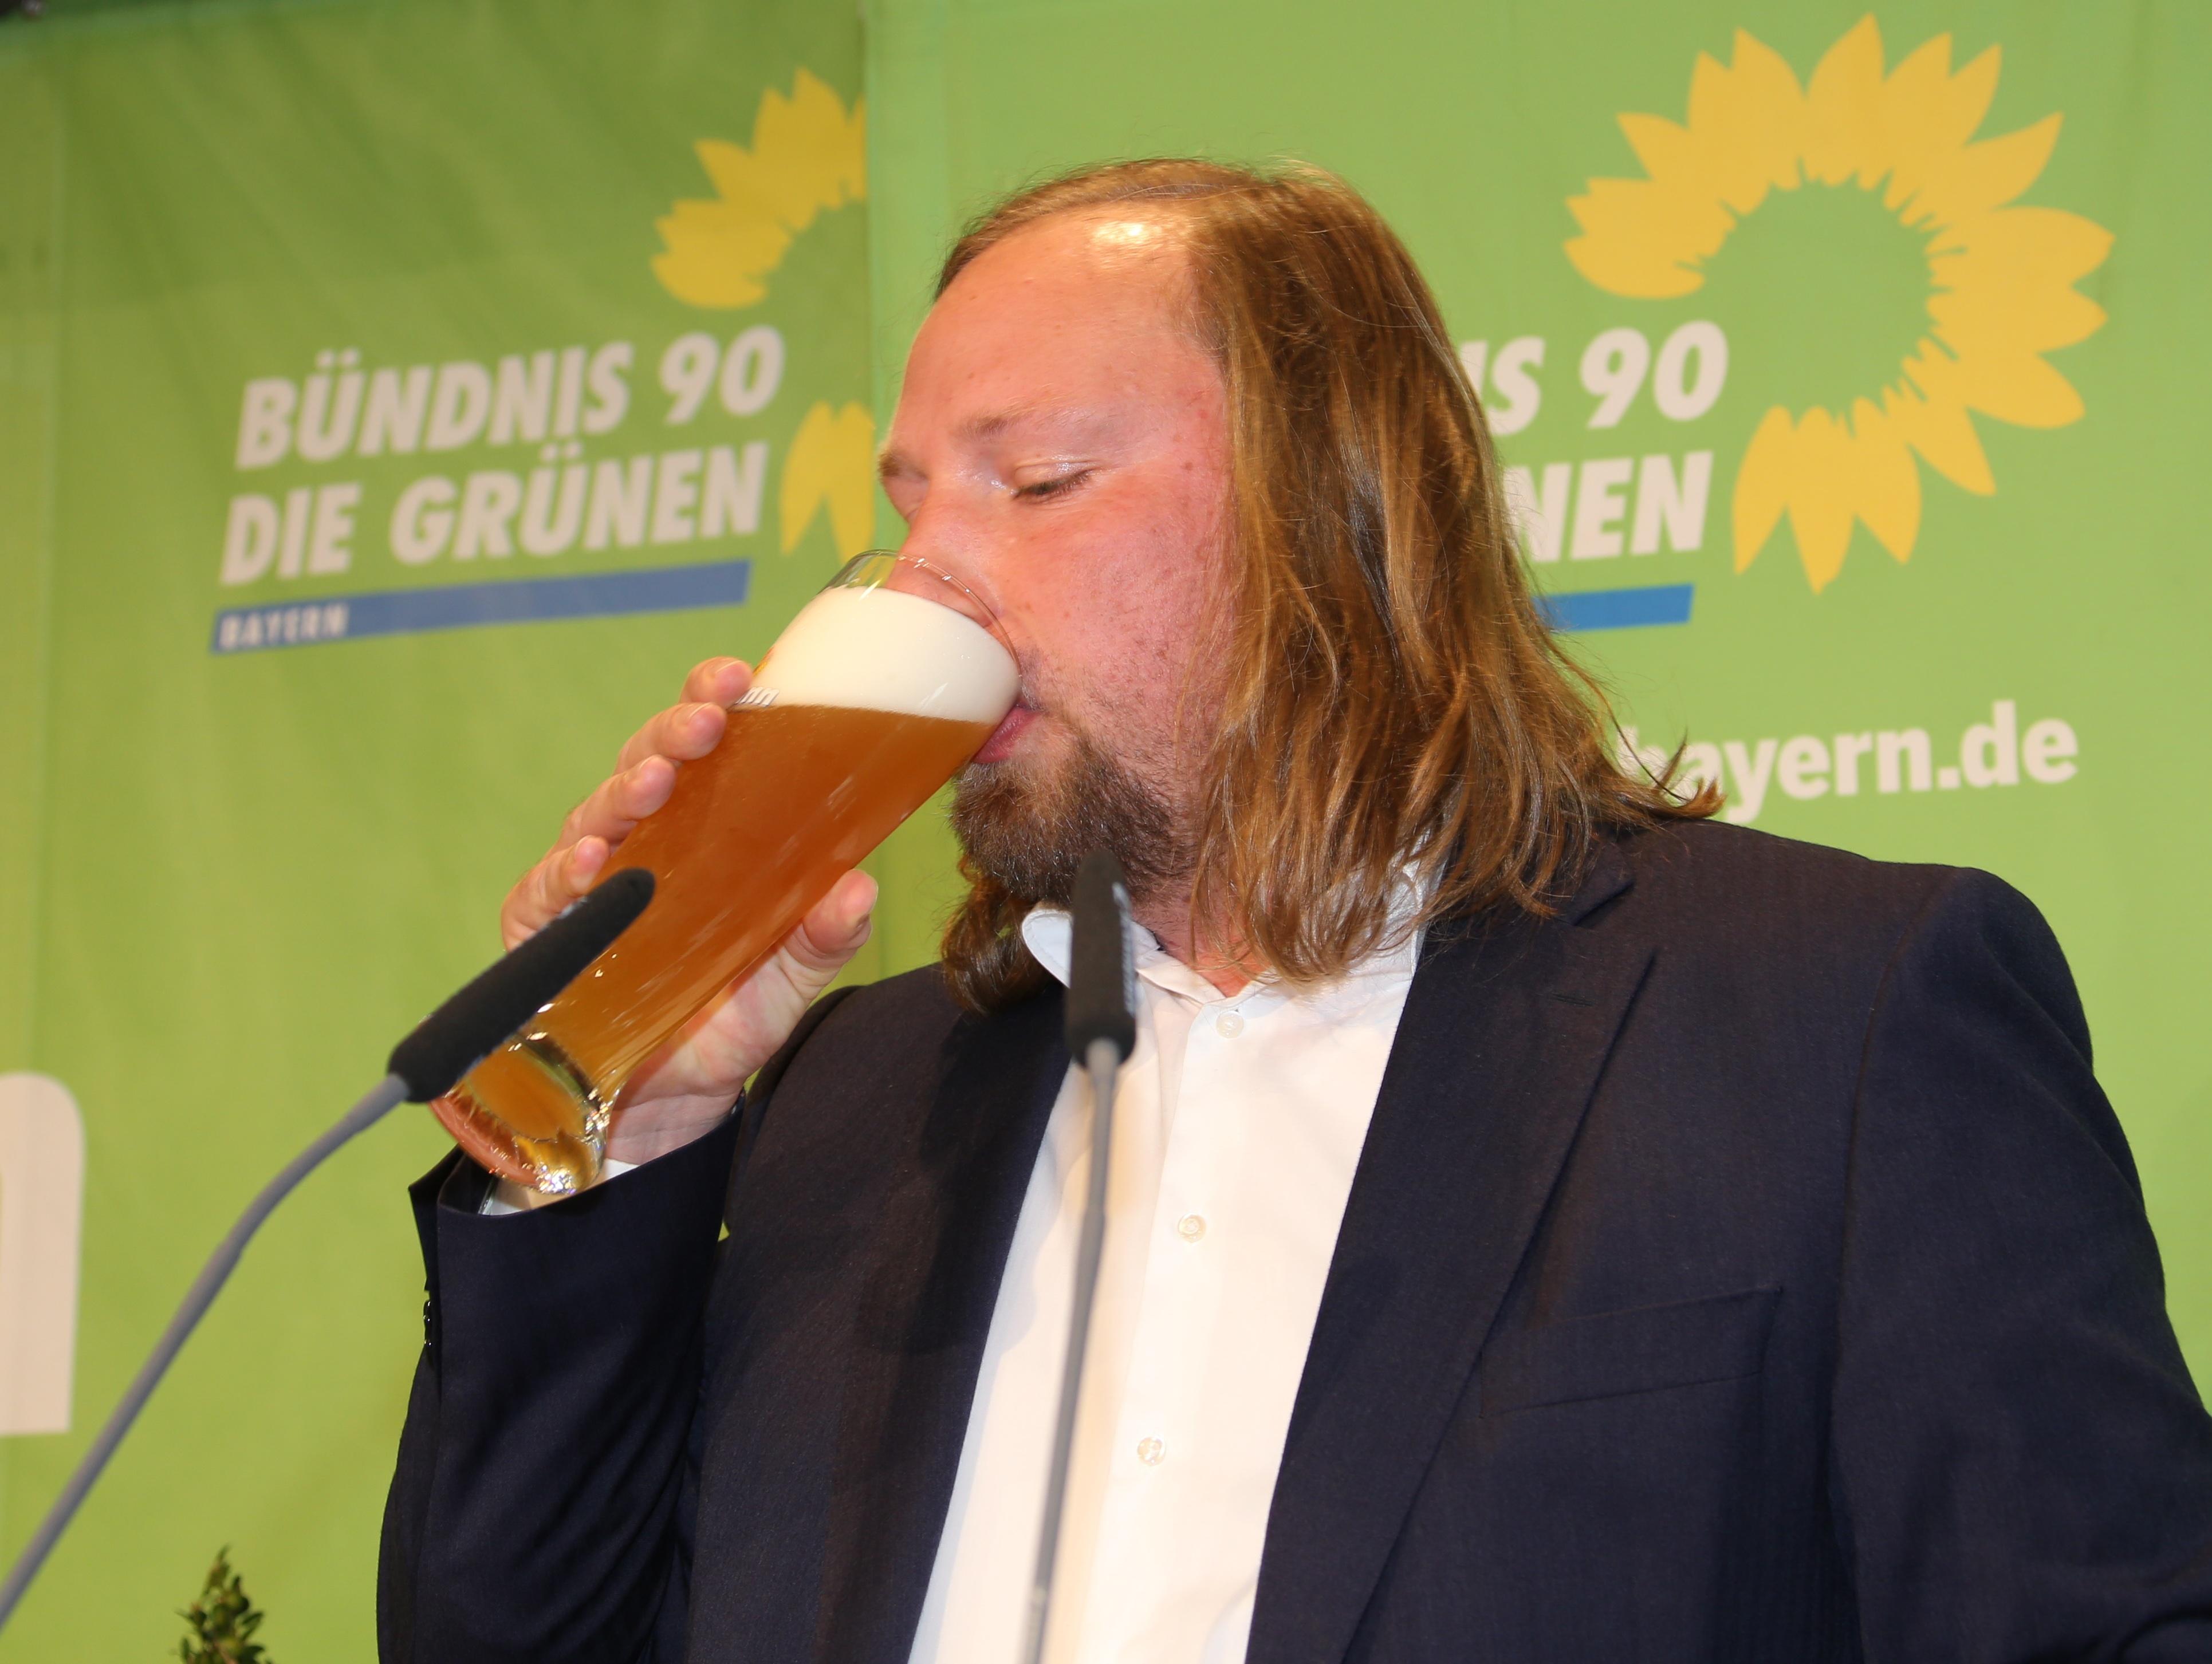 """Tichys Einblick: Wenn die Grünen """"Hermann Löns, die Heide brennt"""" singen"""